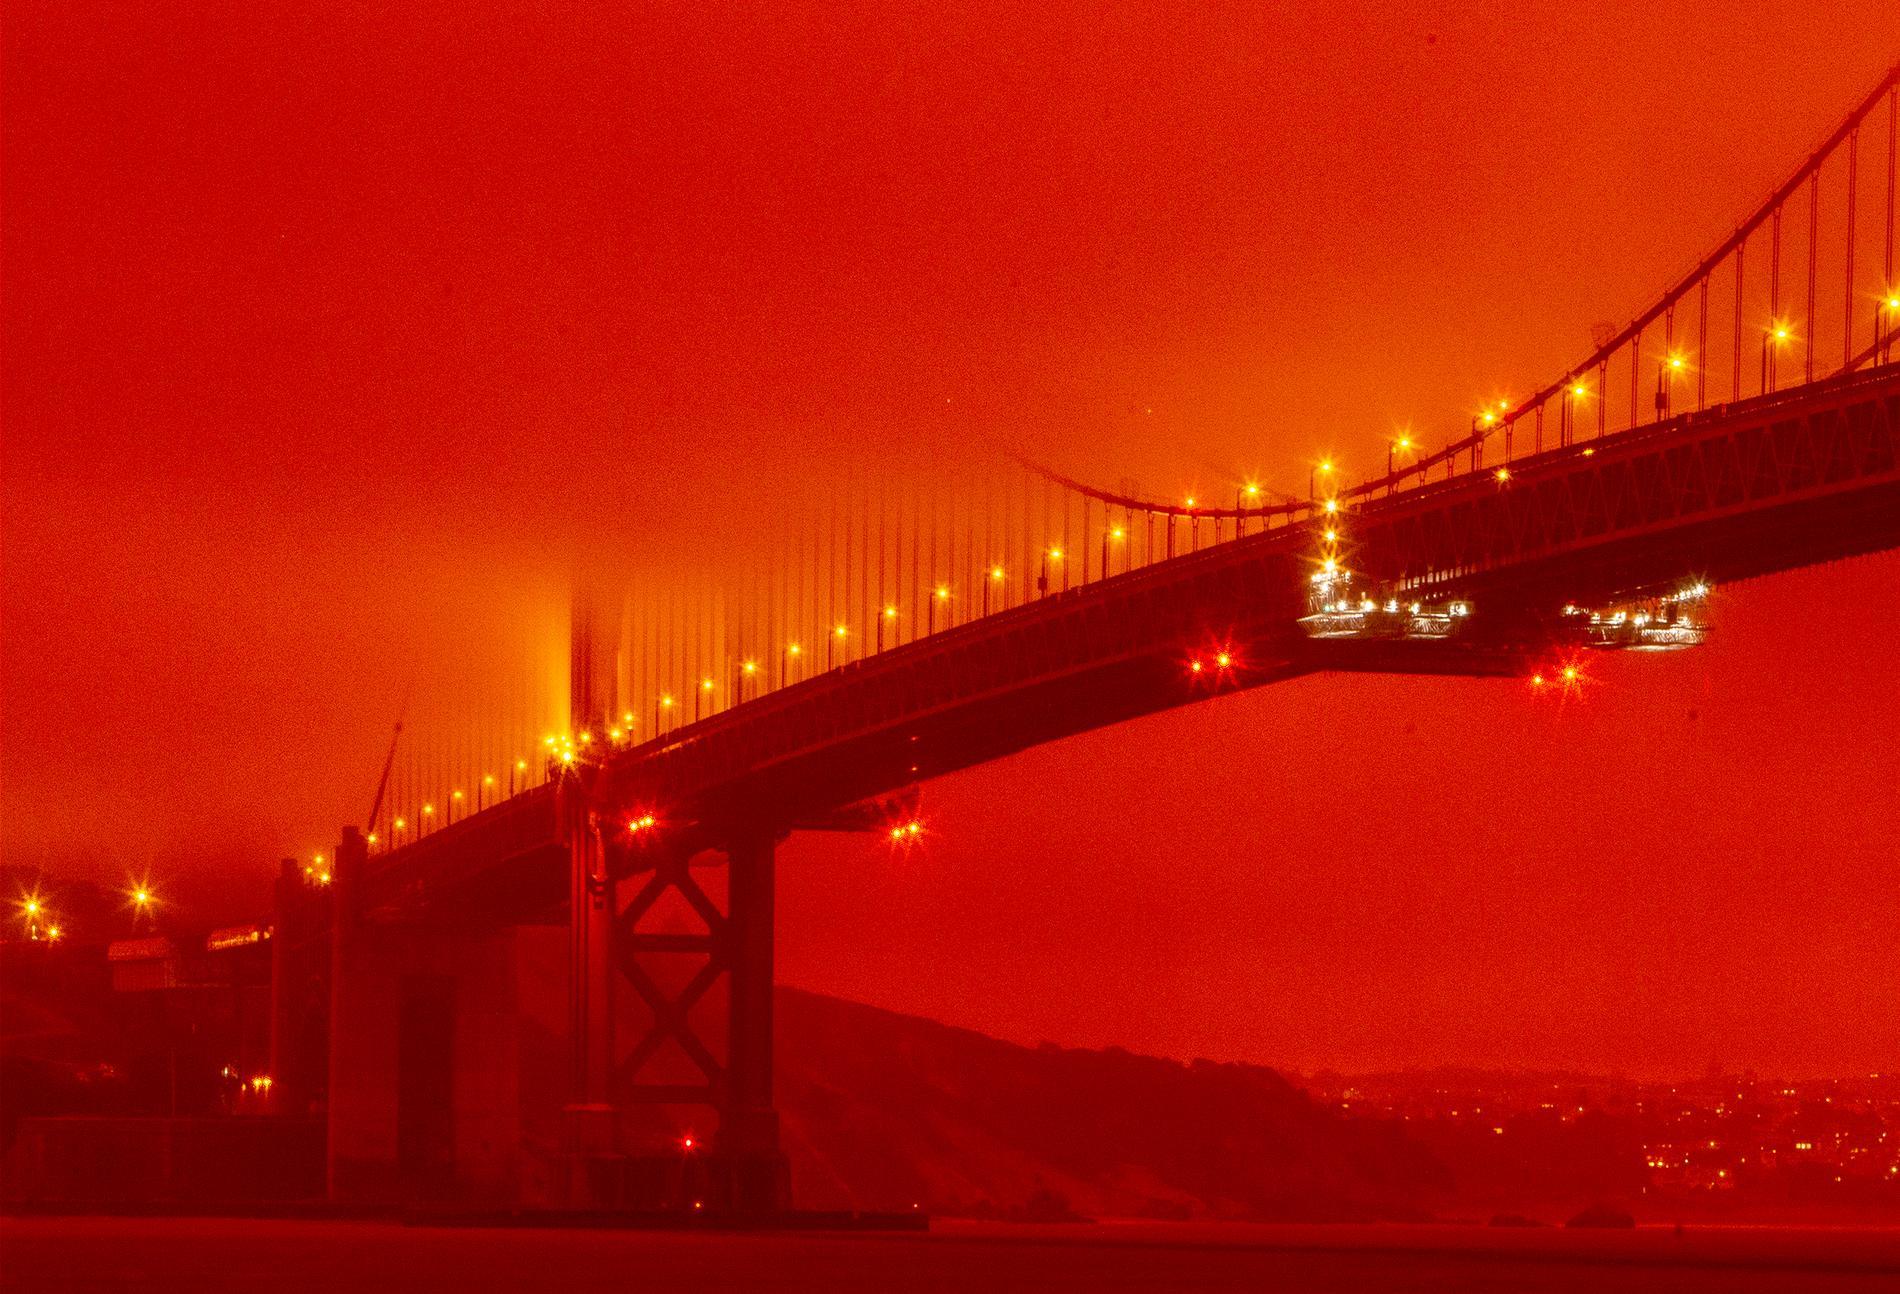 Golden gate-bron täcks av skenet från de pågående skogsbränderna i omgivningen.